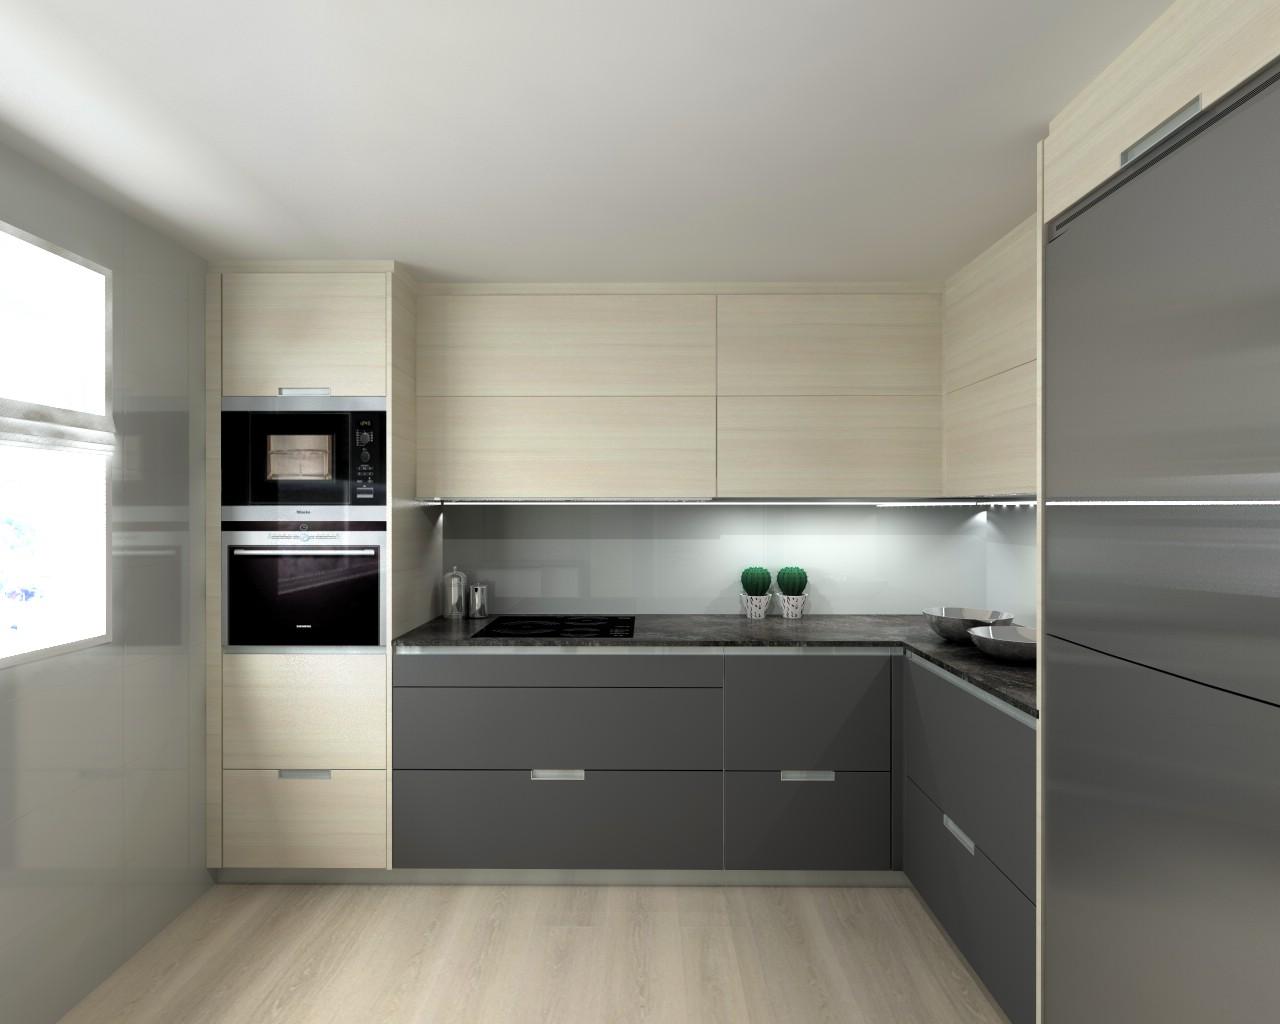 Cocinas de diseo en valencia trendy muebles cocina diseno for Muebles de cocina valencia